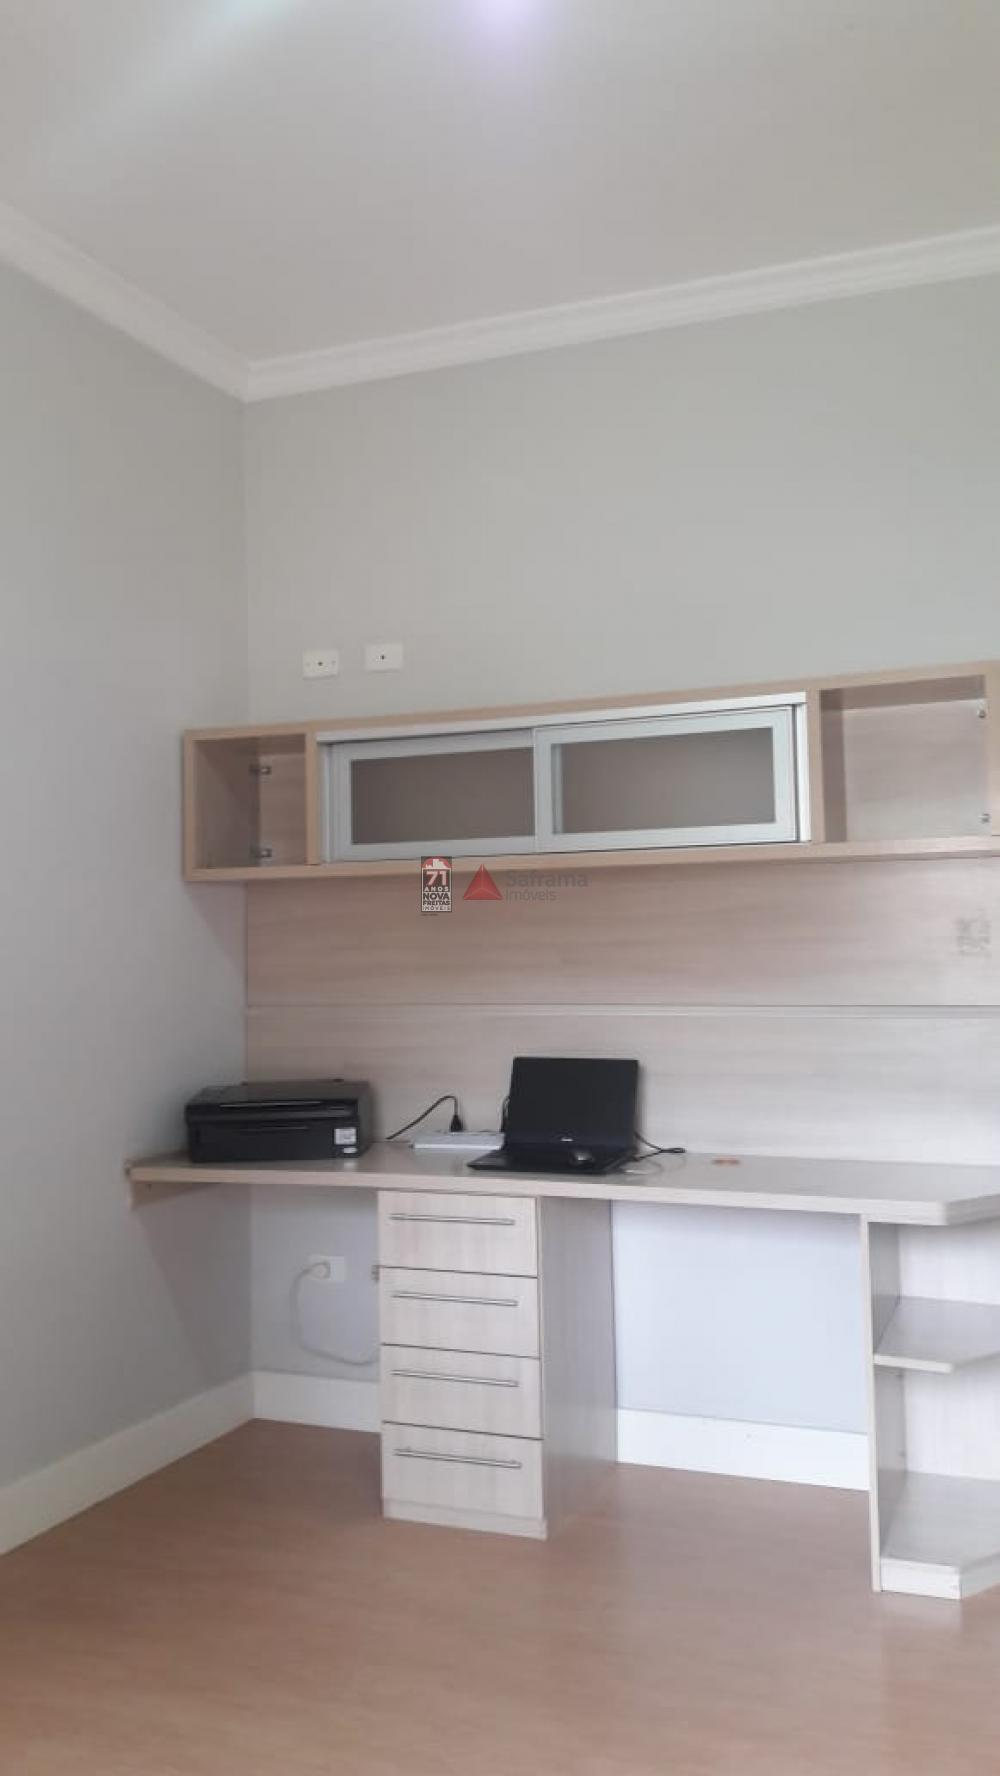 Comprar Casa / Sobrado em Taubaté R$ 450.000,00 - Foto 11